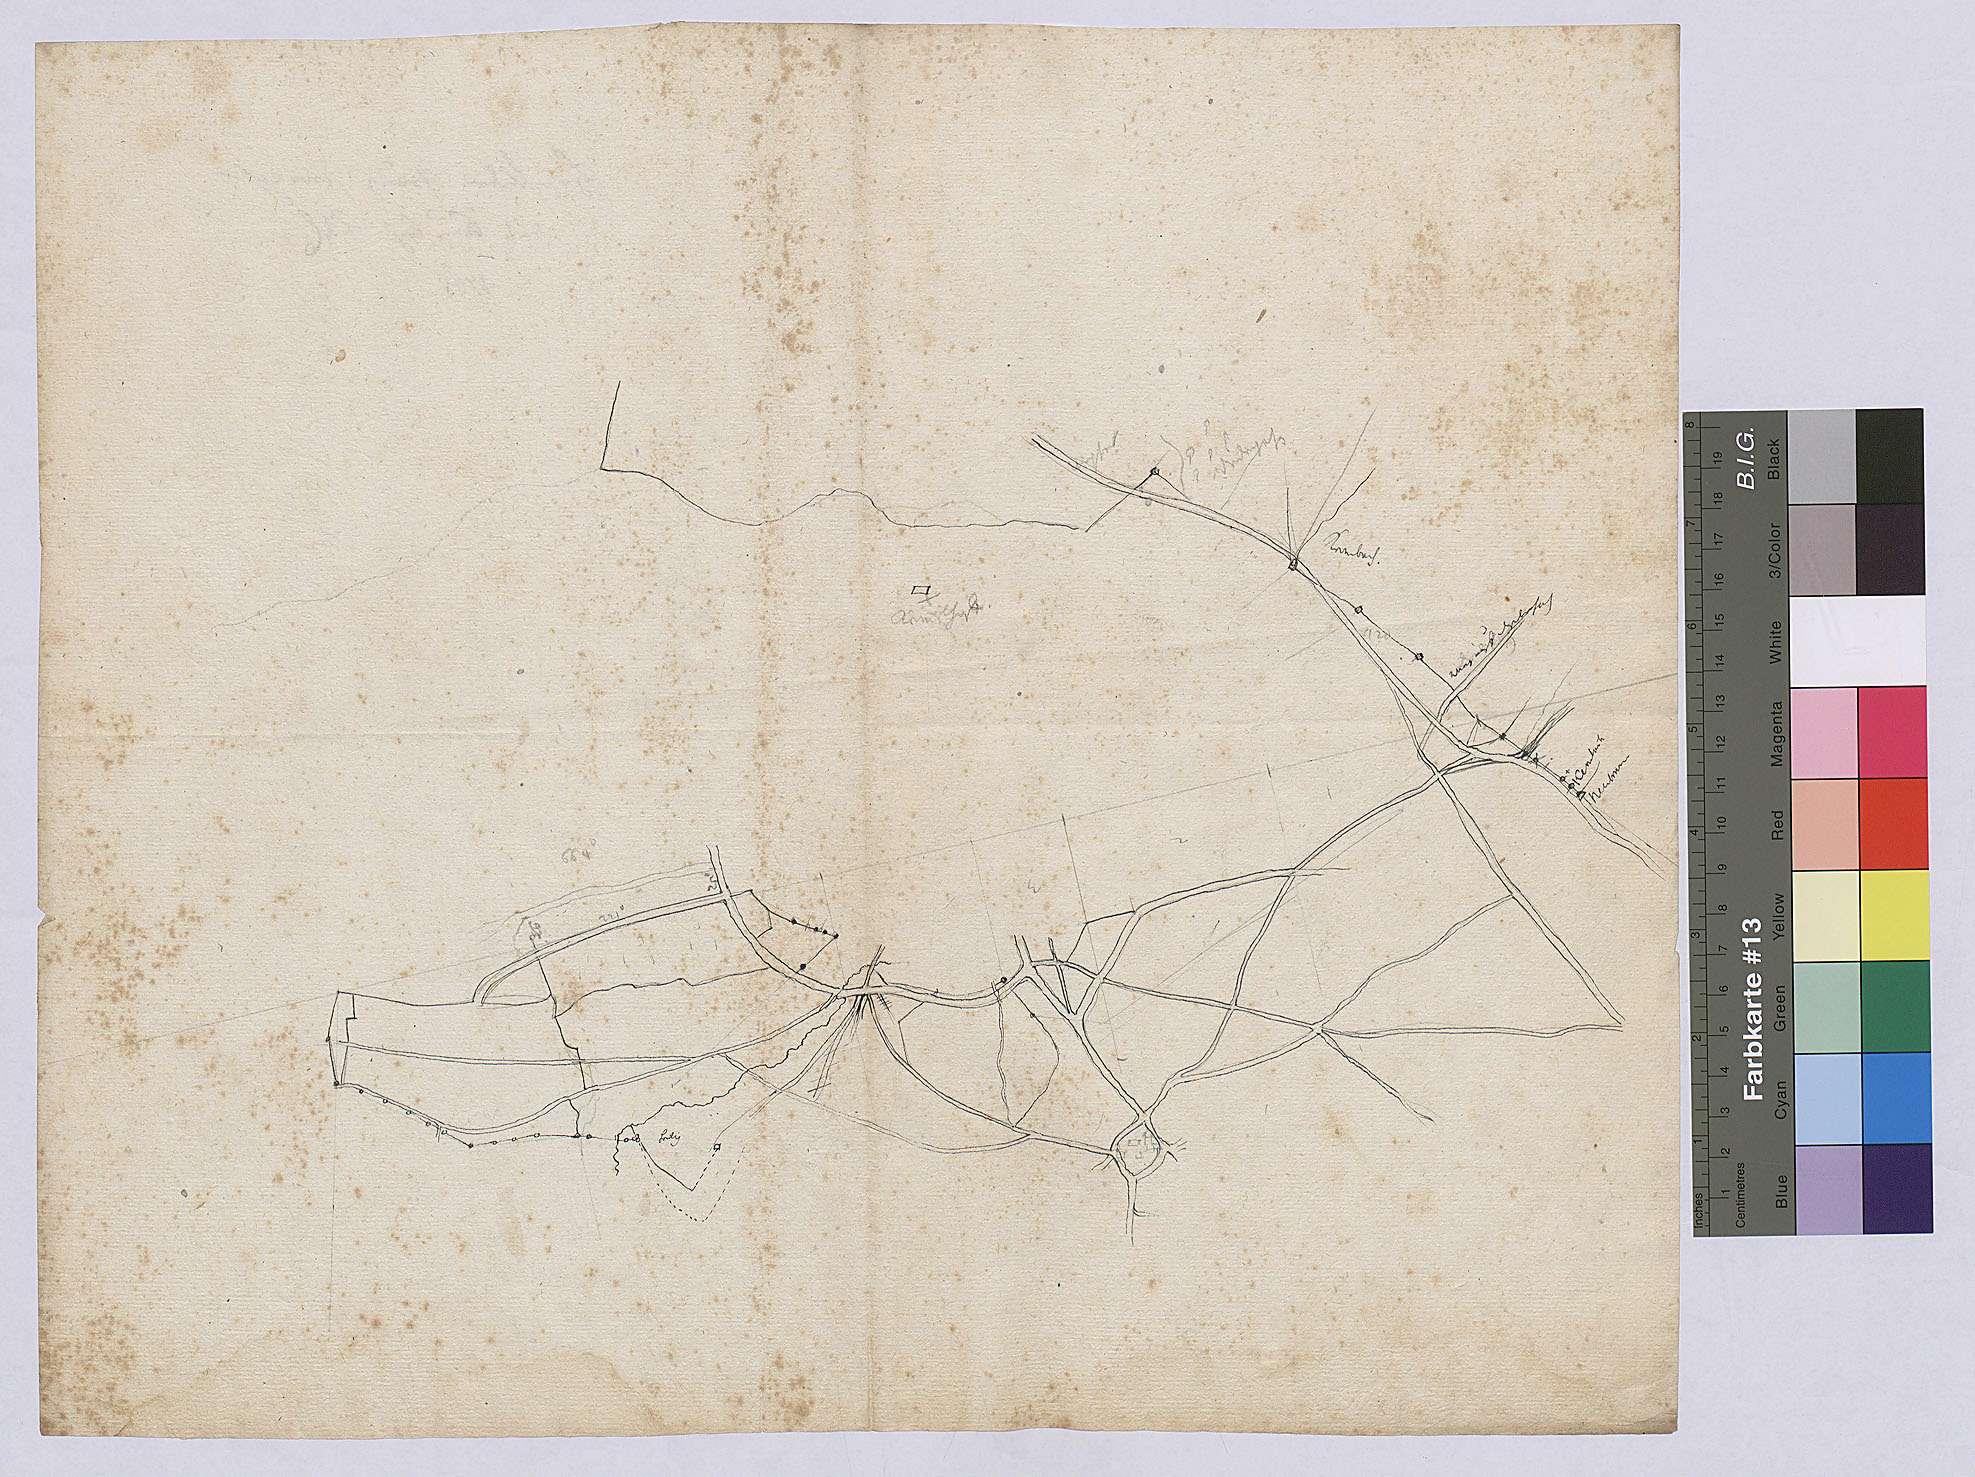 Höhefelder Grenzprozess mit Bronnbach, Bild 1